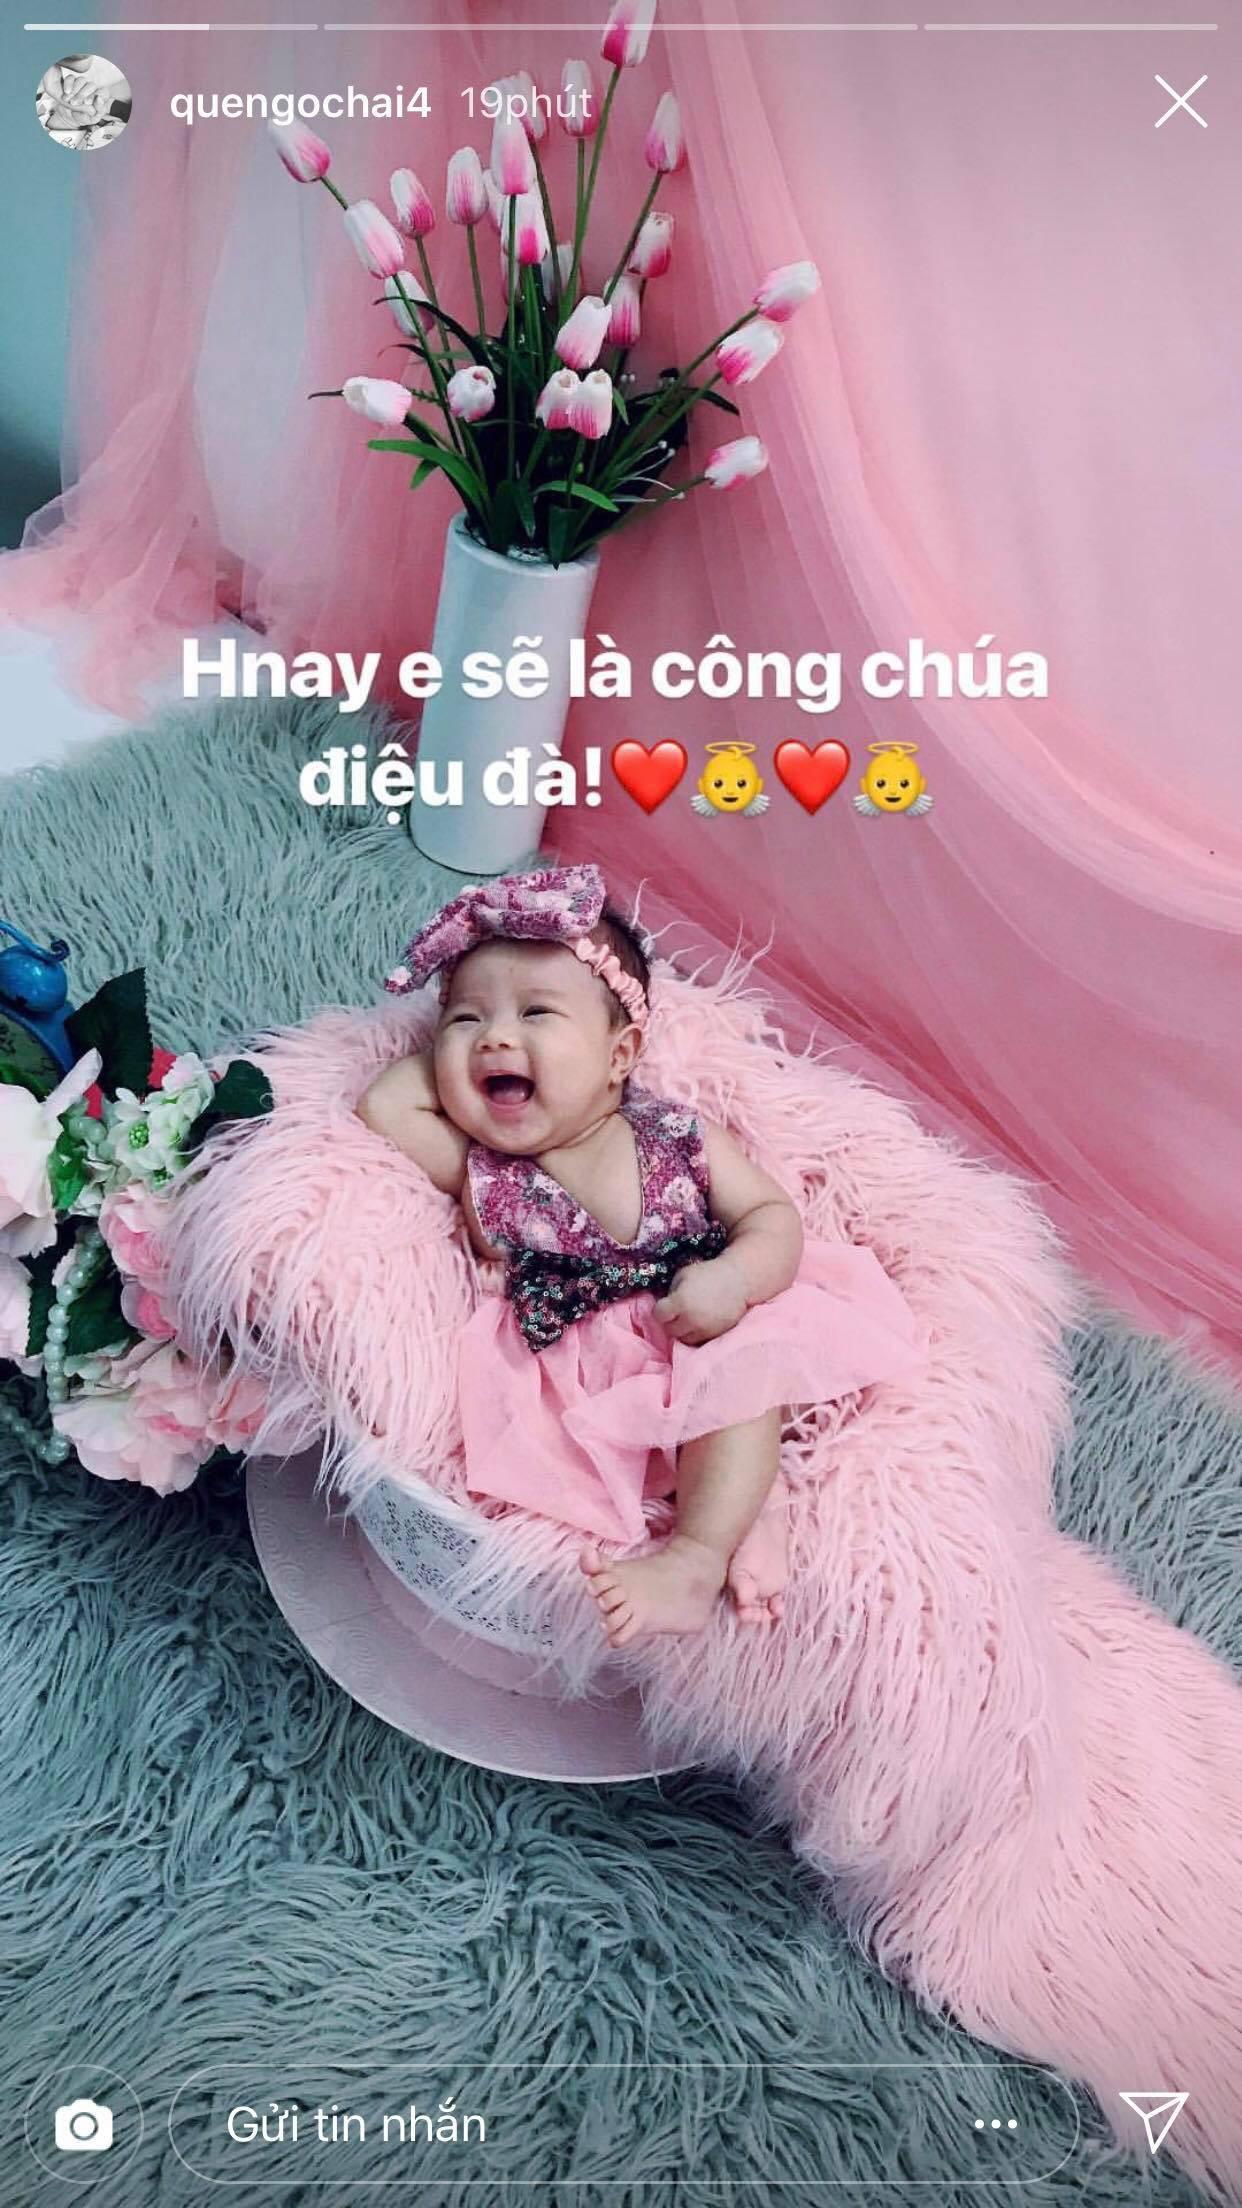 Mới lên chức bố được vài tháng, Quế Ngọc Hải tỏ ra rất quyến luyến cô con gái nhỏ của mình. Trung vệ của Sông Lam Nghệ An cho thấy anh đang rất nhớ con khi phải xa con trong gần 2 tháng tới.